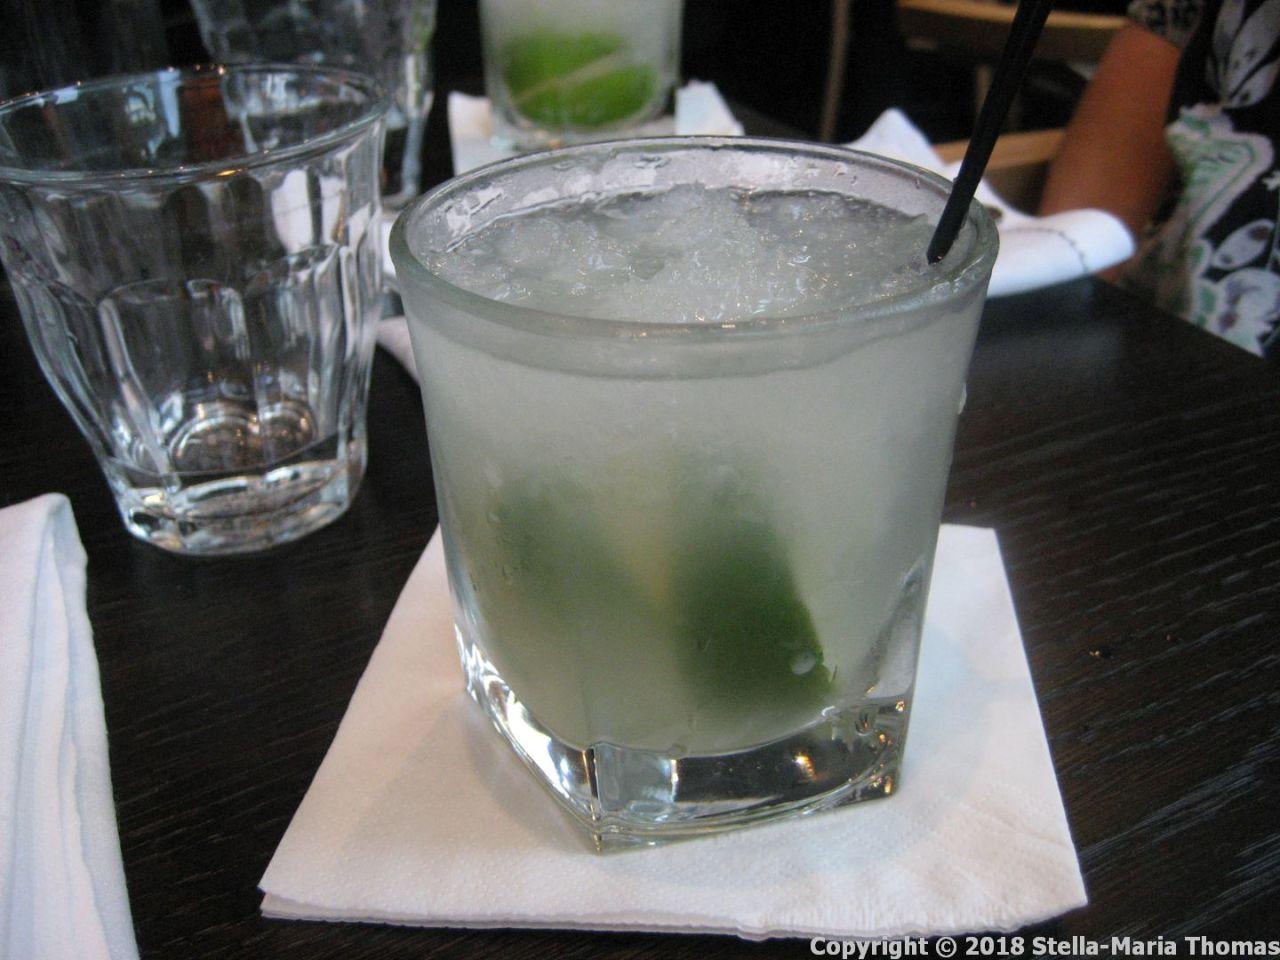 Food 2019 – Cocktail Recipes (Caipirinha, Sinatra Smash, Long Mango, KentuckySmash)